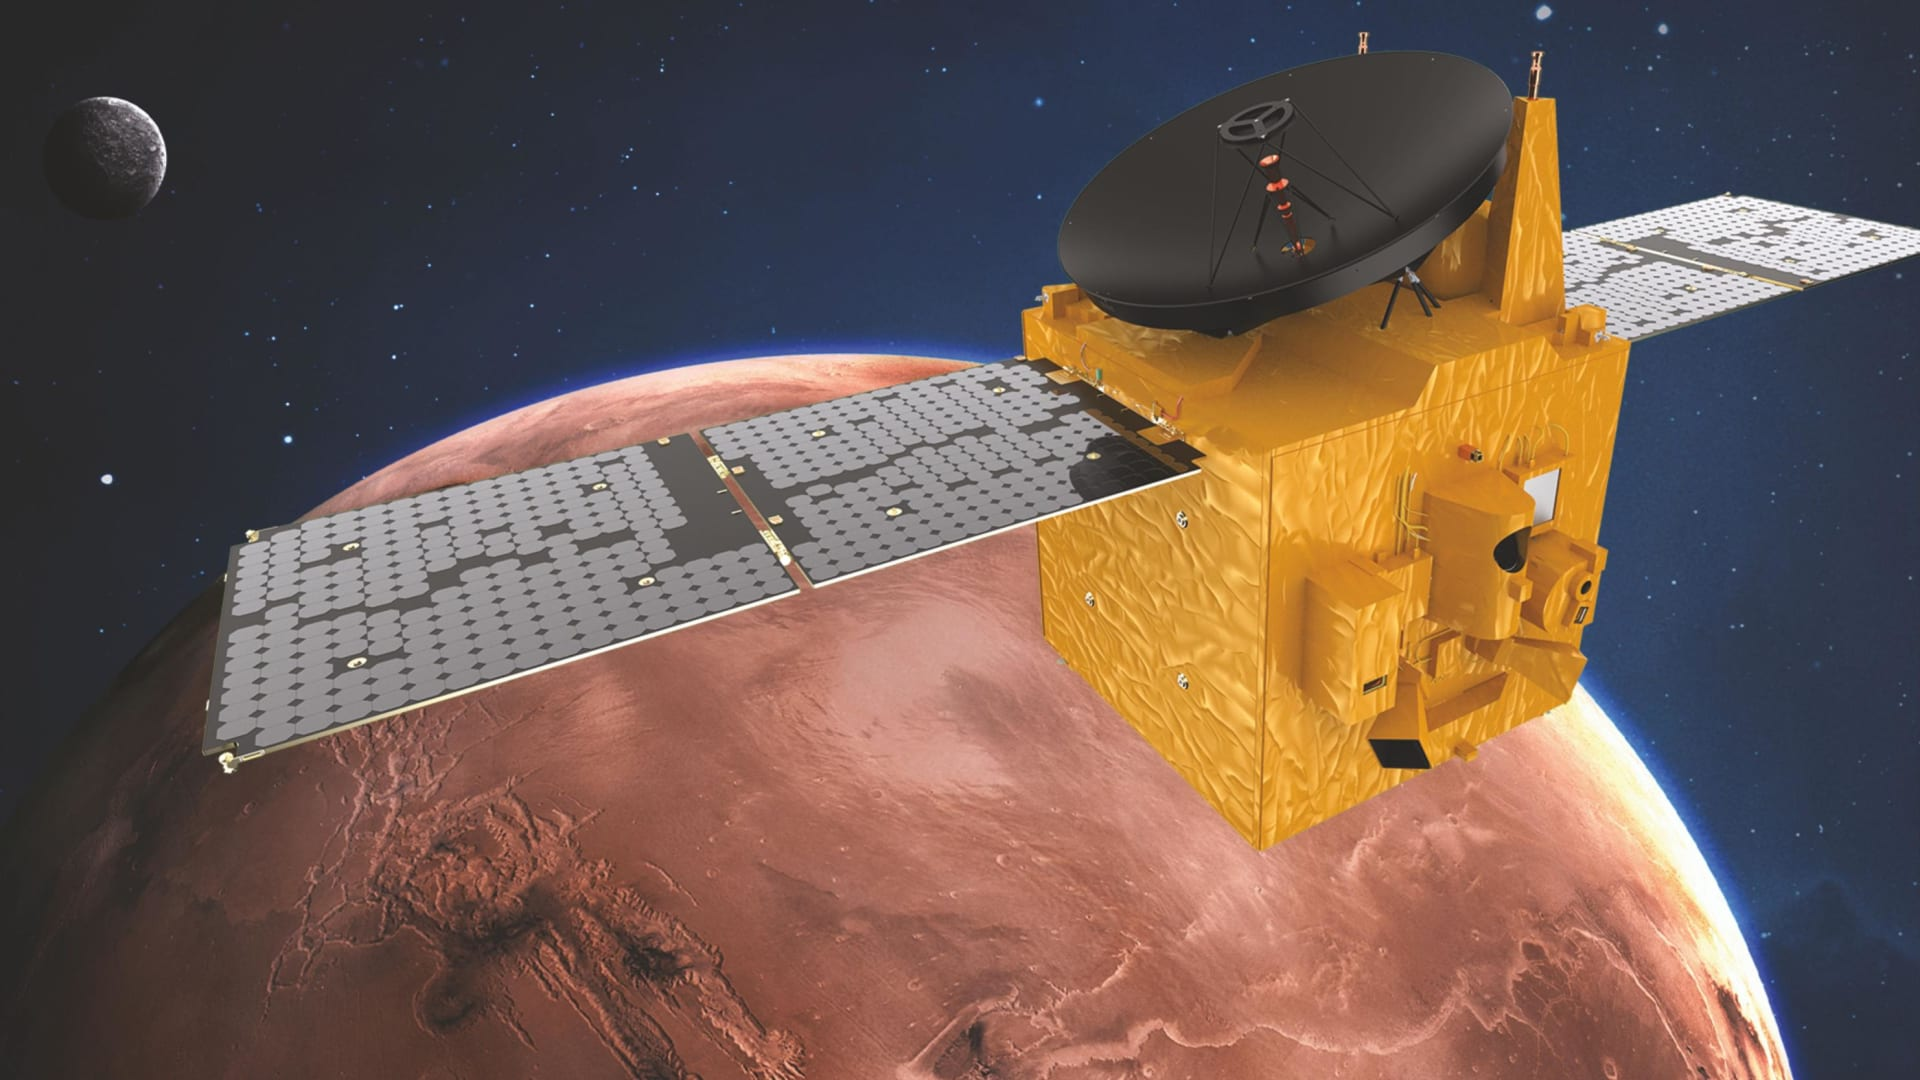 """باقتباس عن المتنبي.. هكذا هنأت """"ناسا"""" مسبار الأمل الإماراتي بعد وصوله إلى المريخ"""